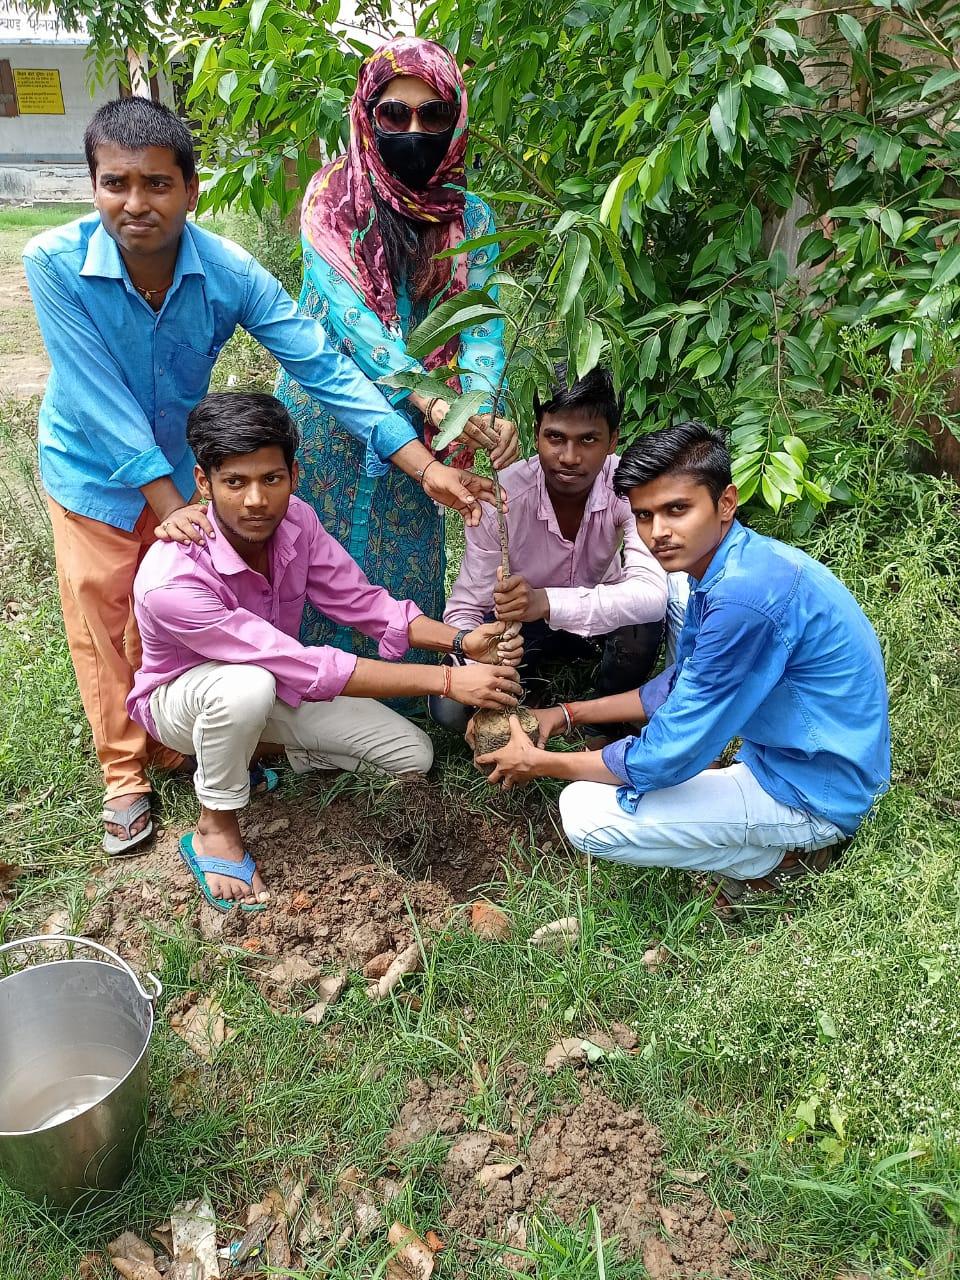 पर्यावरण को बचाने और जागरूकता फैलाने के लिए संकल्पित ग्लोबल कायस्थ कॉन्फ्रेंस : रागिनी रंजन